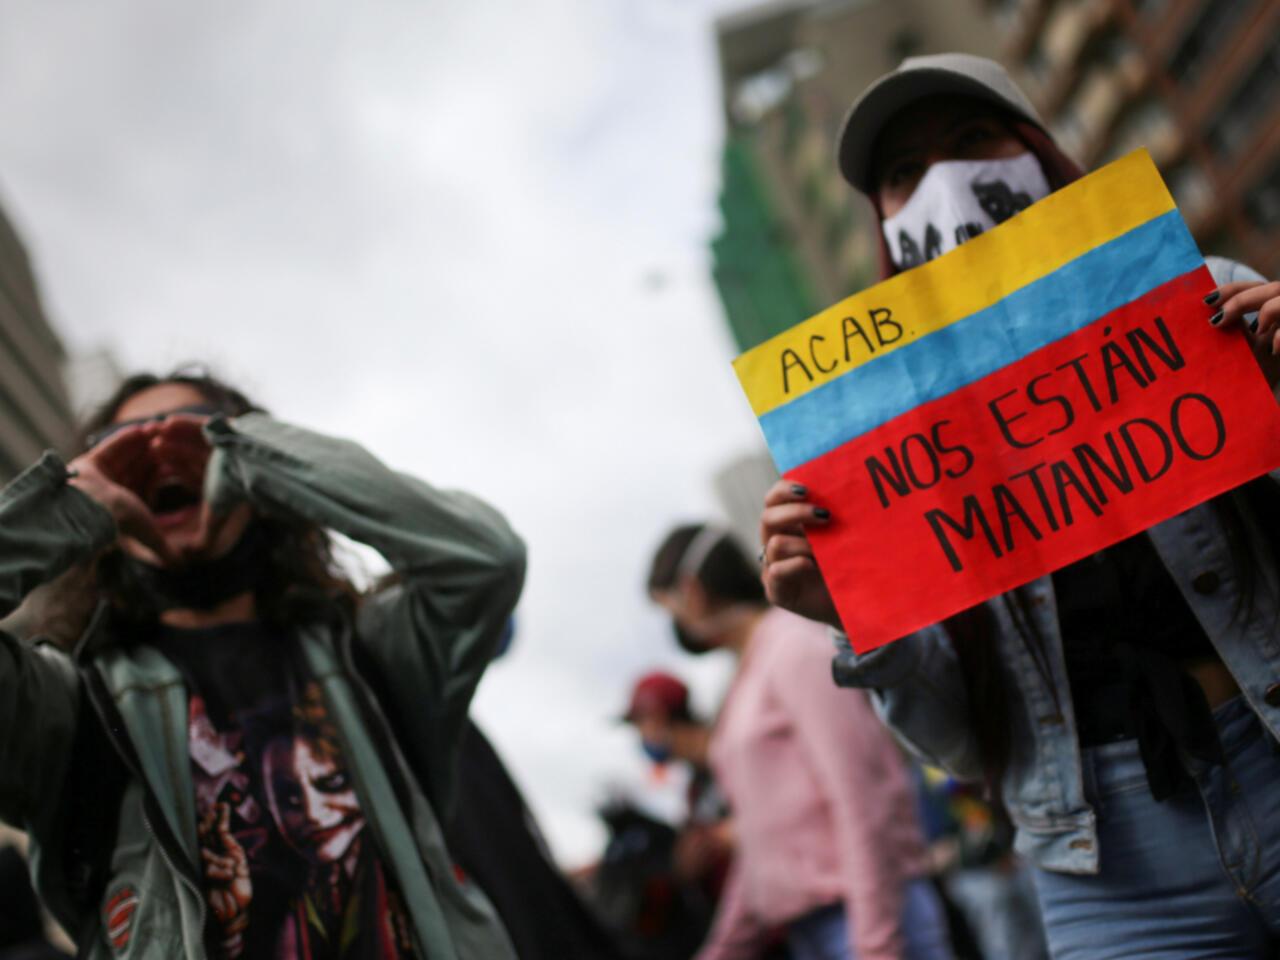 Cuáles son las razones por las que aumentan las masacres en Colombia?